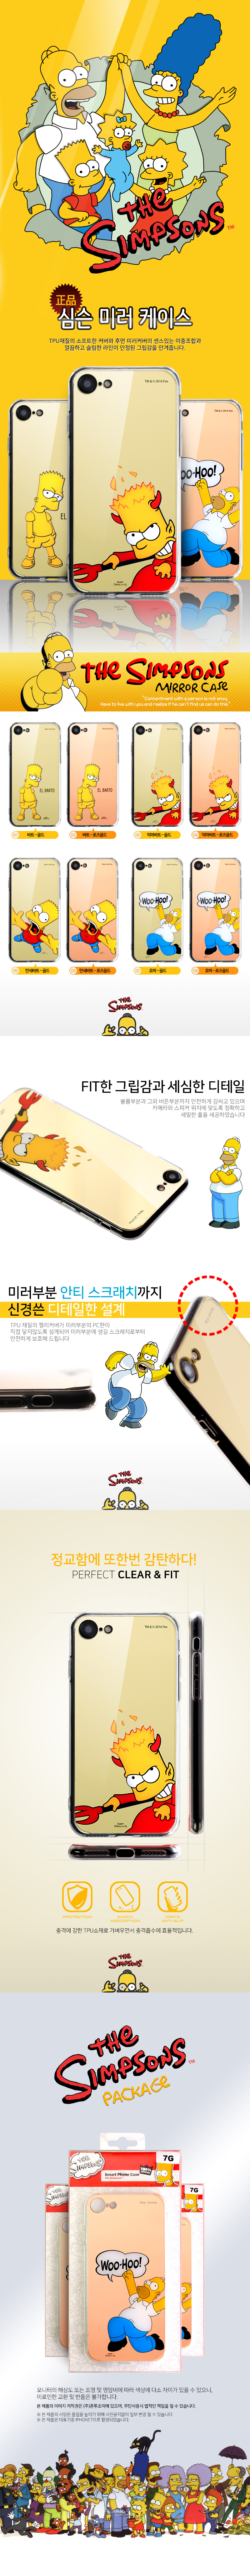 심슨 미러 케이스 - 아이폰용 - 엑시트나인, 5,900원, 케이스, 아이폰6S/6S플러스